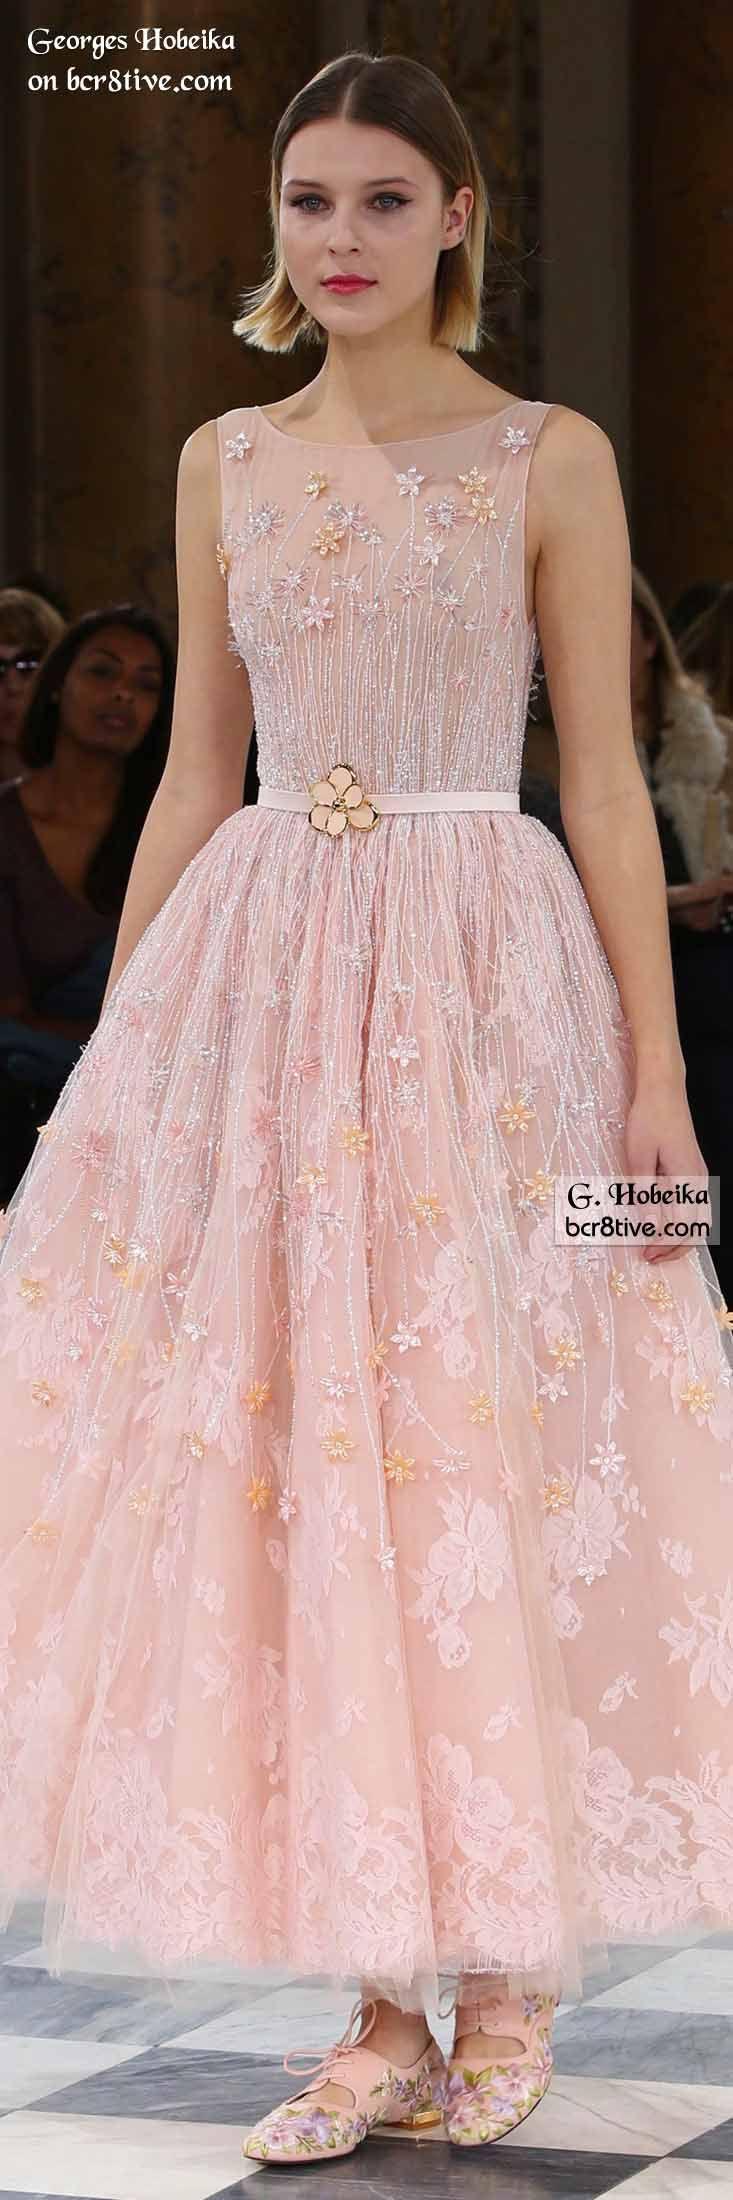 607 mejores imágenes de dresss en Pinterest